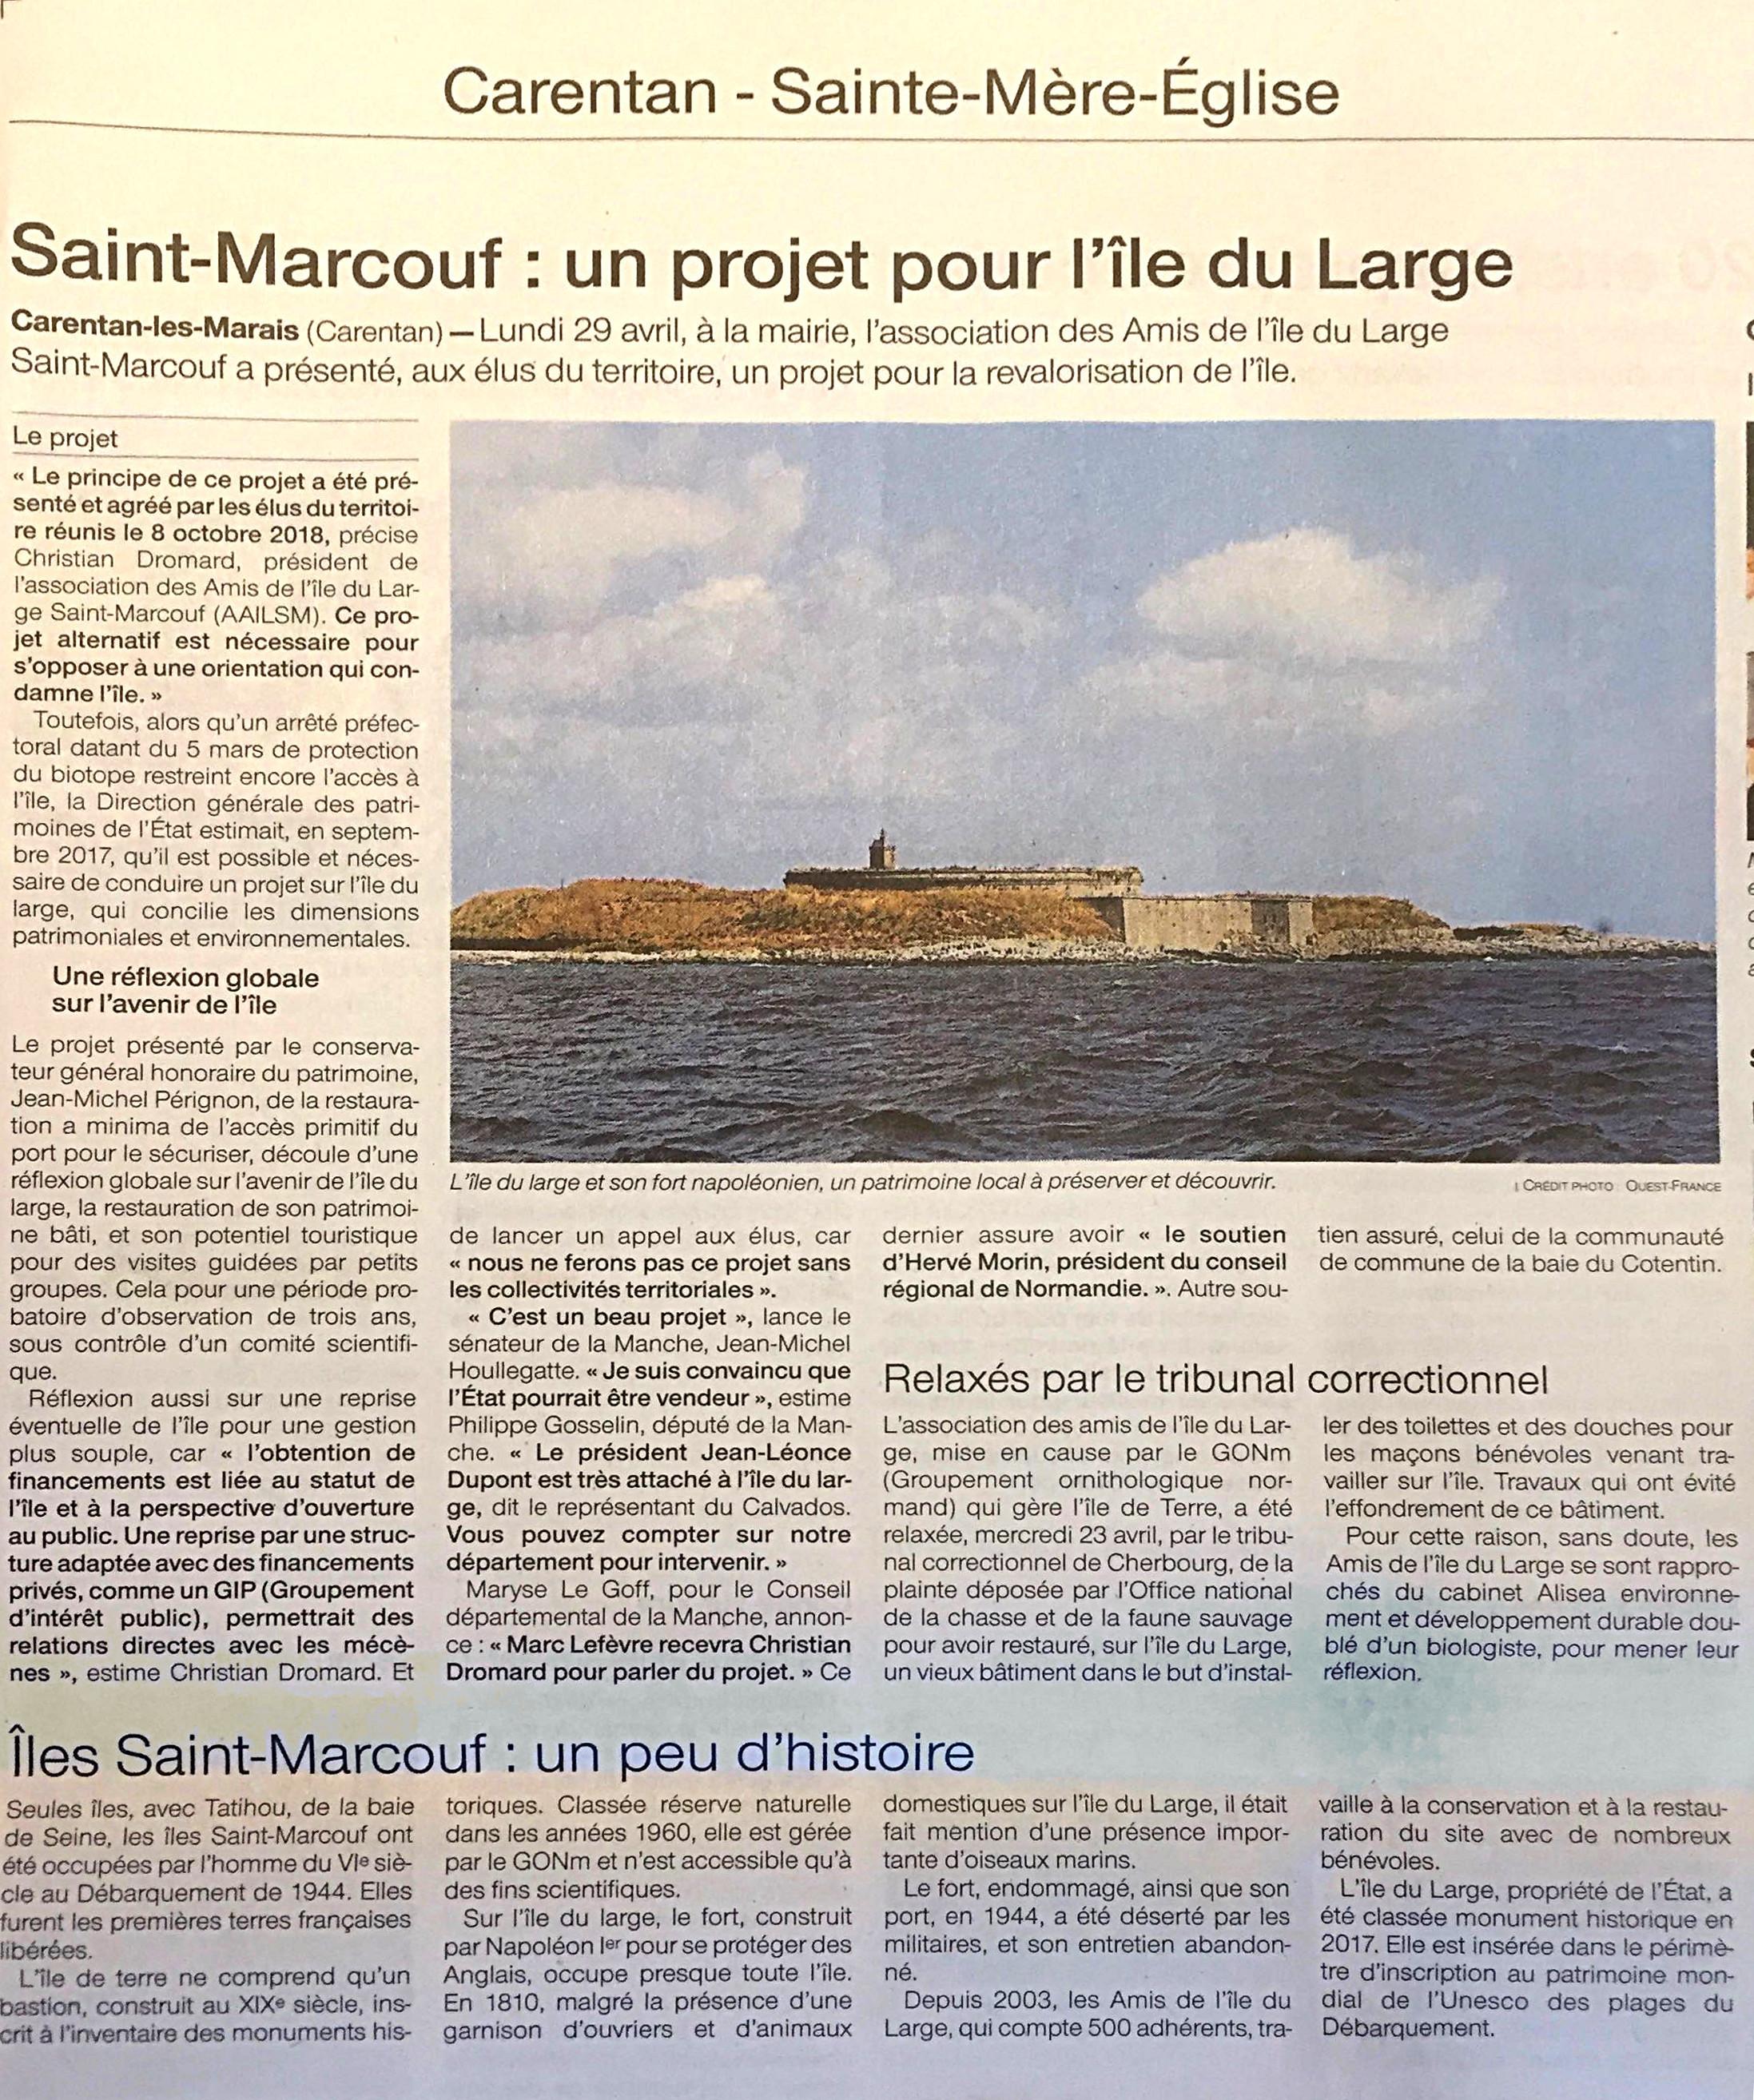 Saint-Marcouf : un projet pour l'île du Large : article paru dans Ouest France le 4 mai 2019